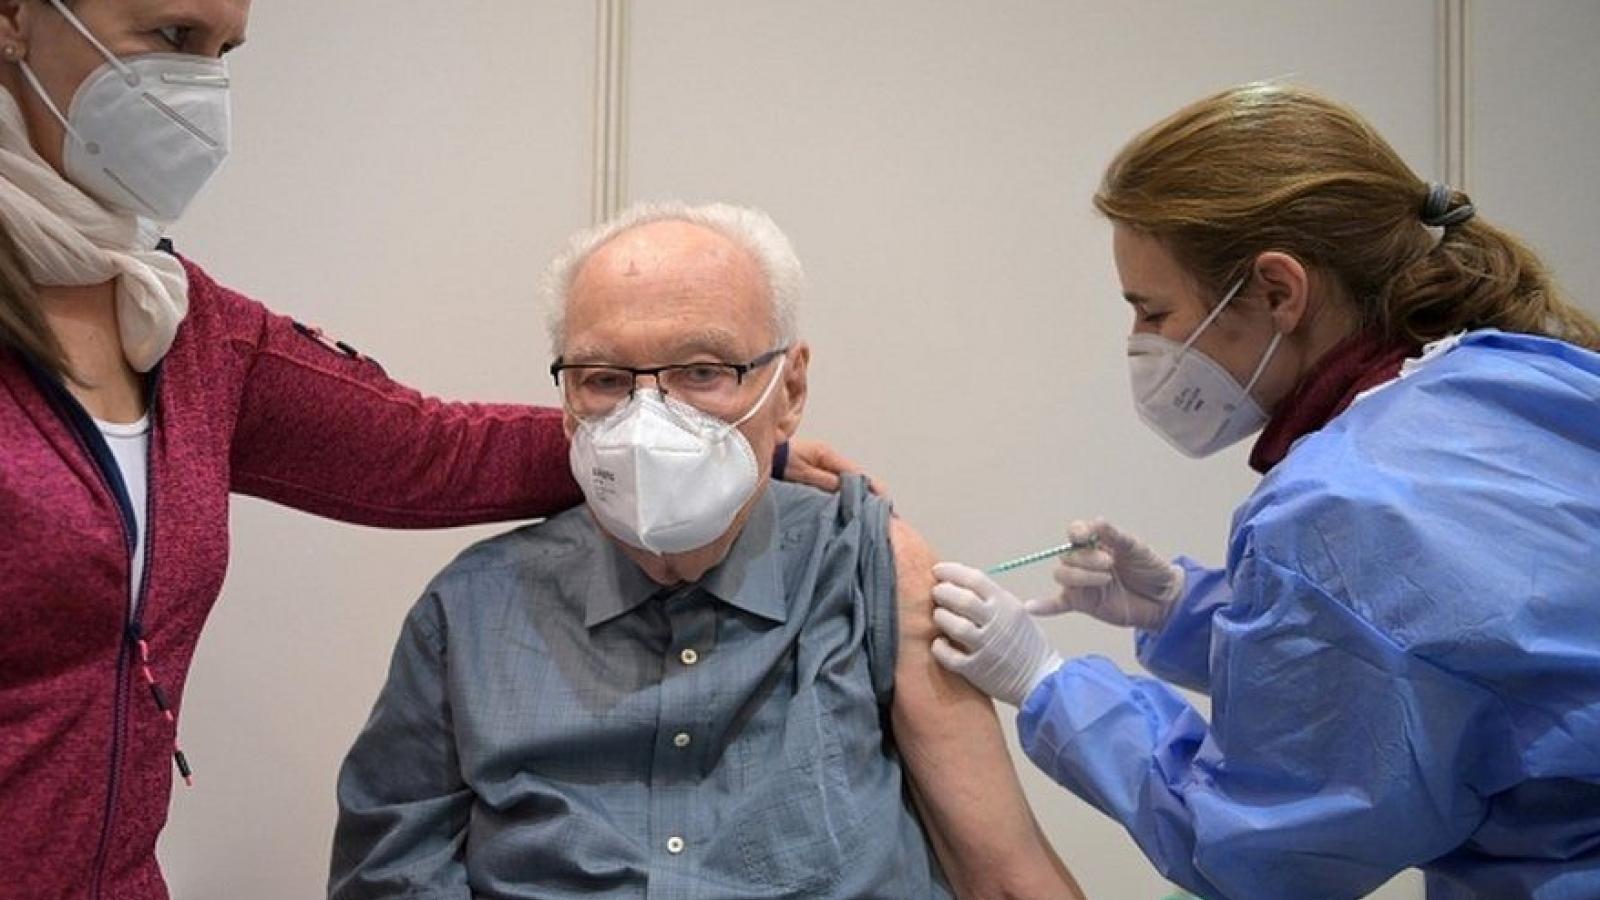 Pháp: Người tiêm vaccine giảm 9 lần nguy cơ nhập viện hoặc tử vong vì Covid-19